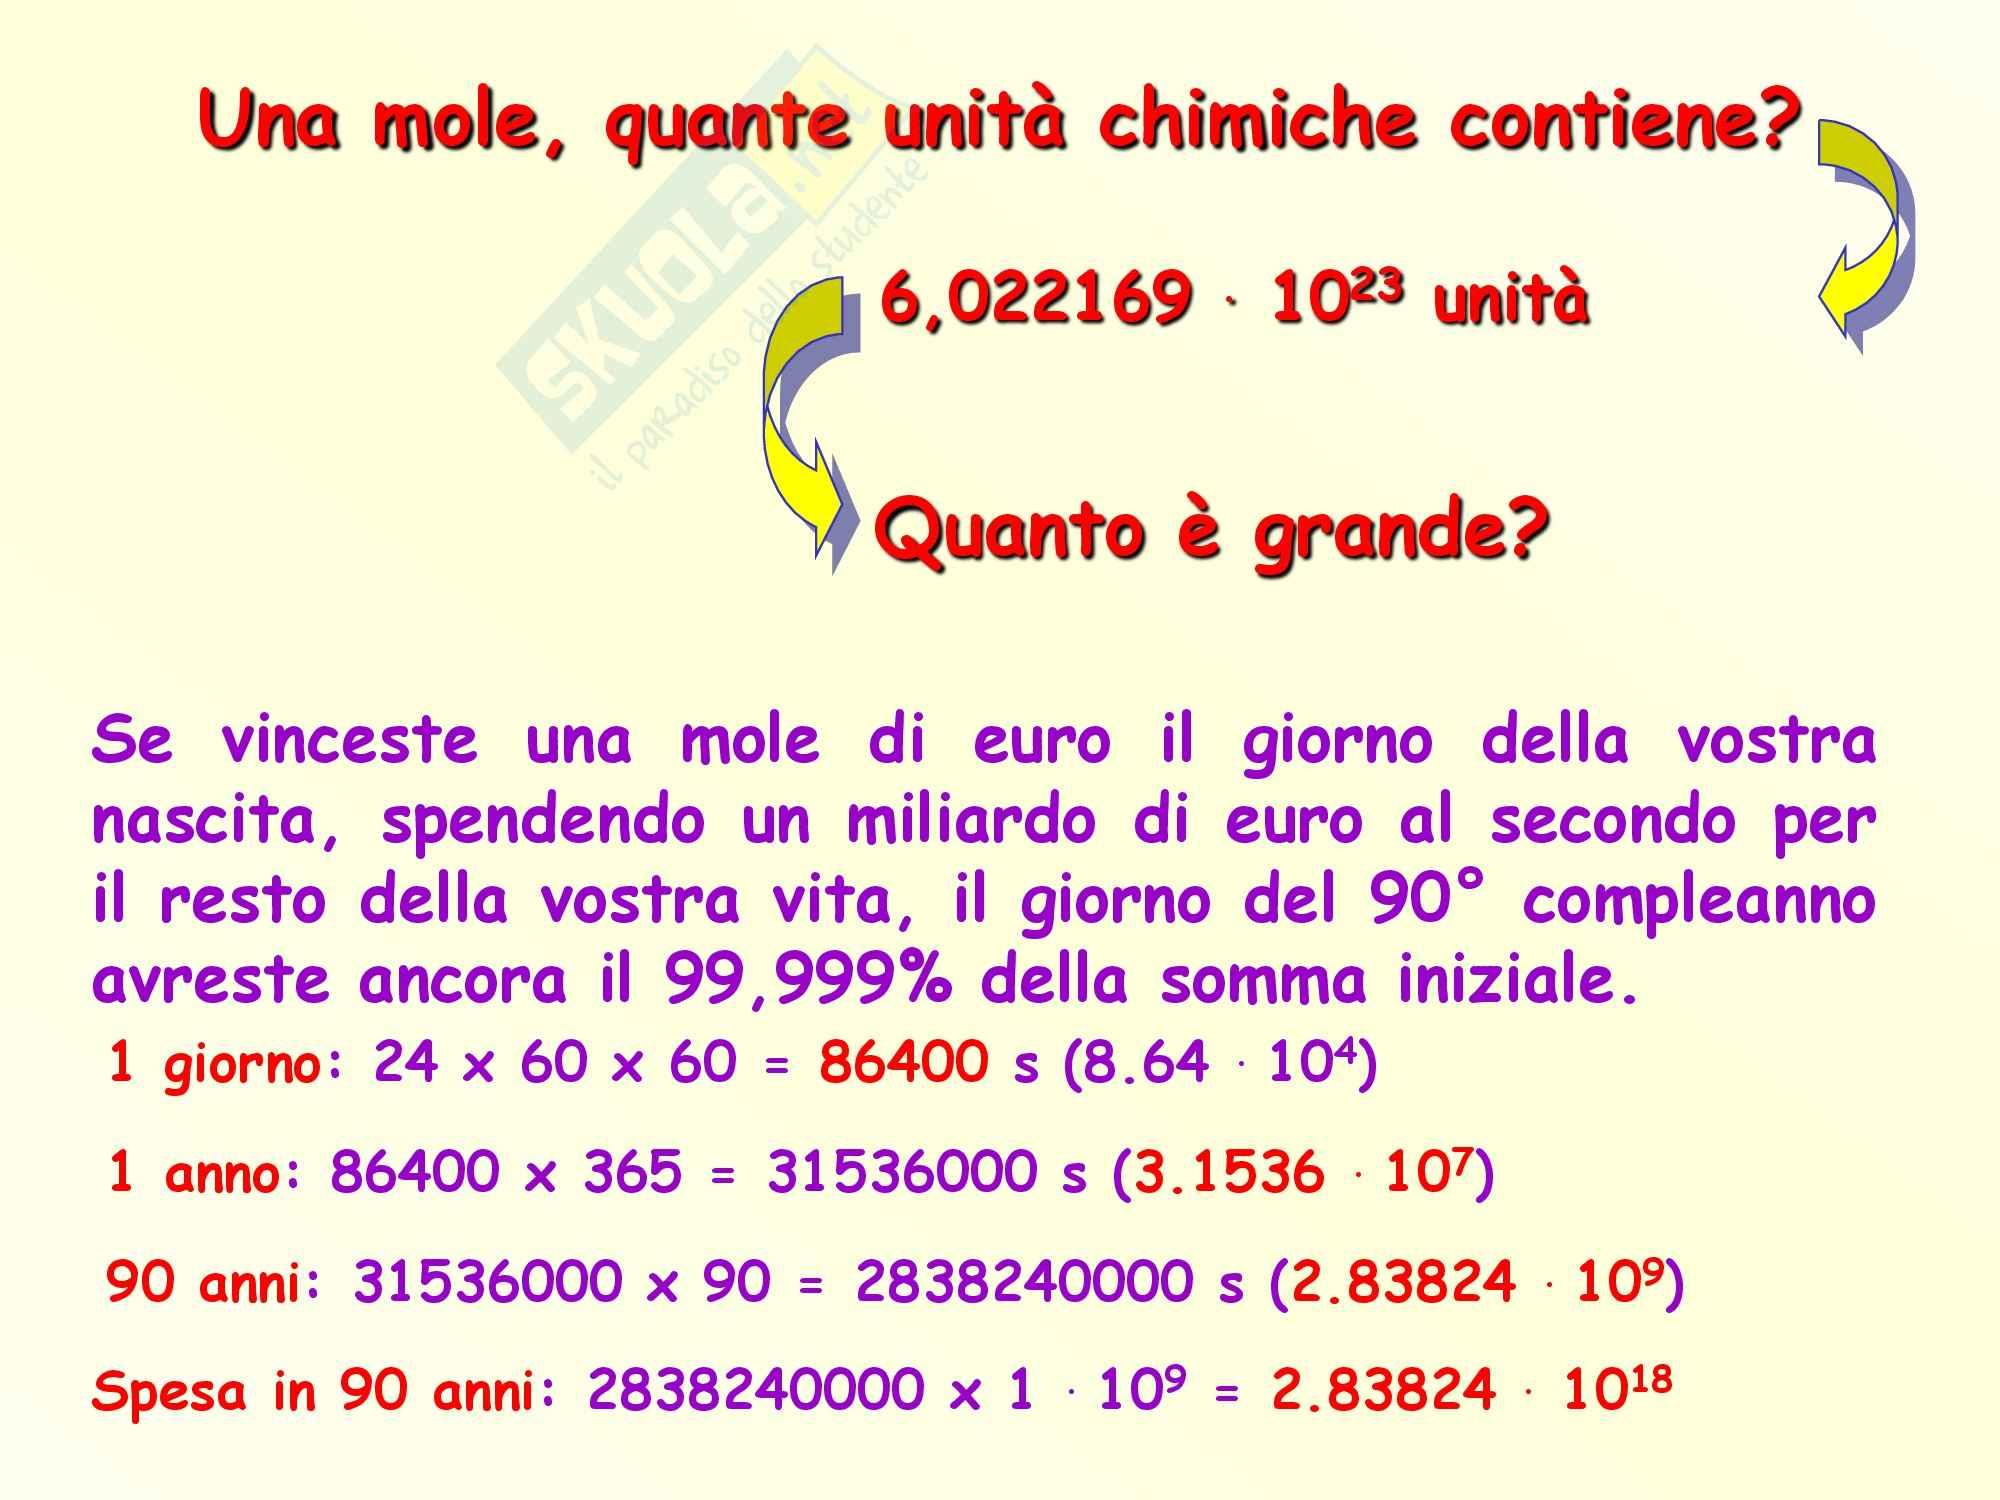 Chimica inorganica - formule, significati e mole Pag. 6